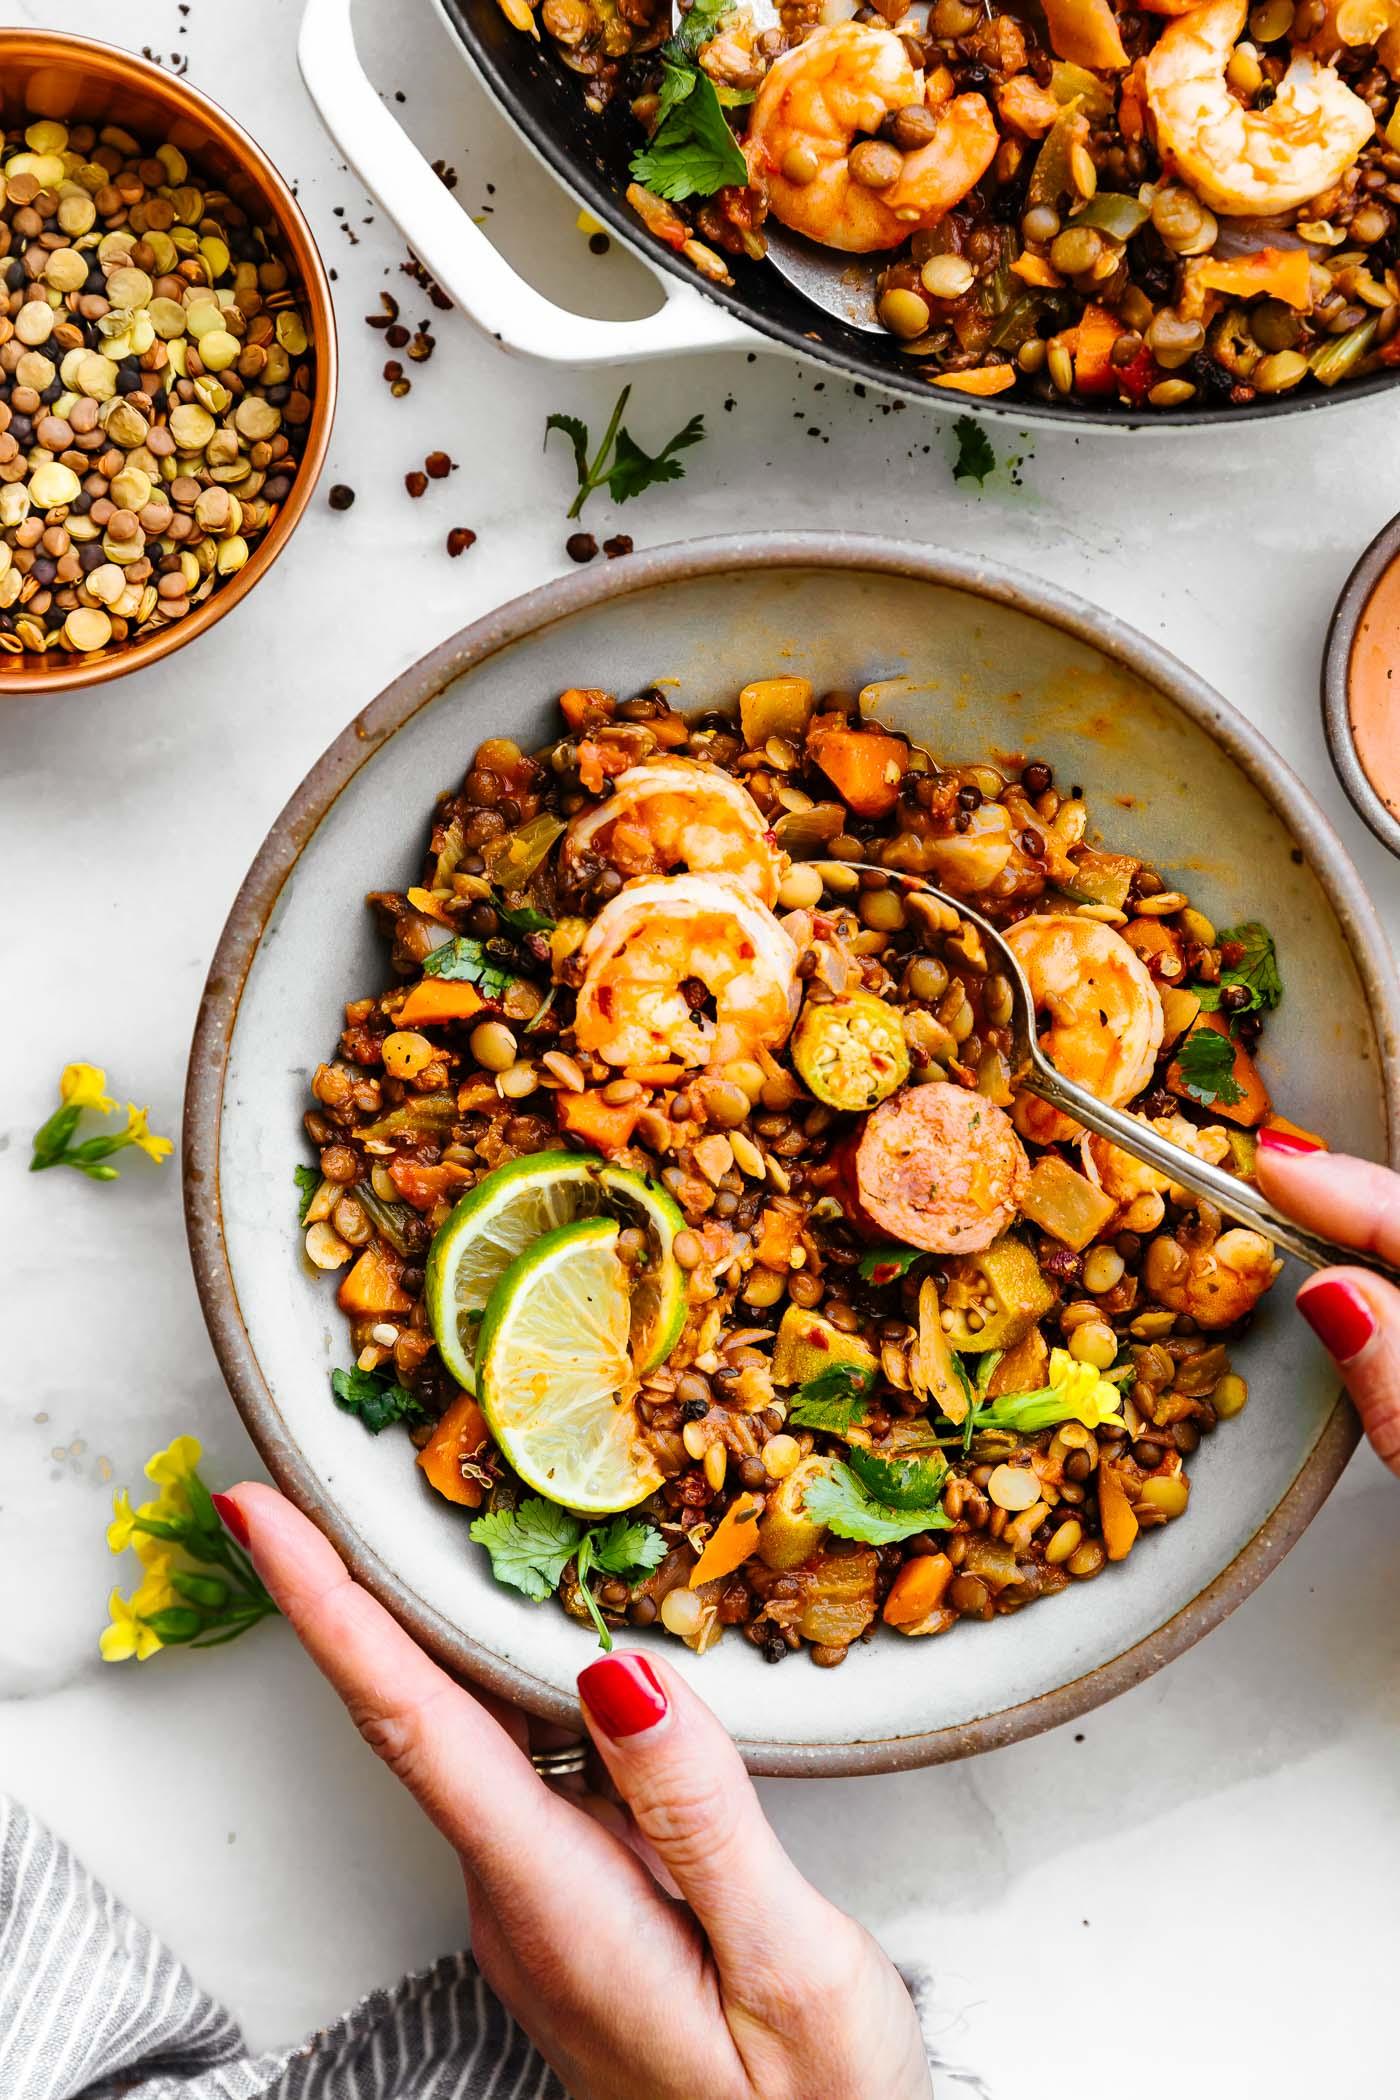 bowl of jambalaya with lentils